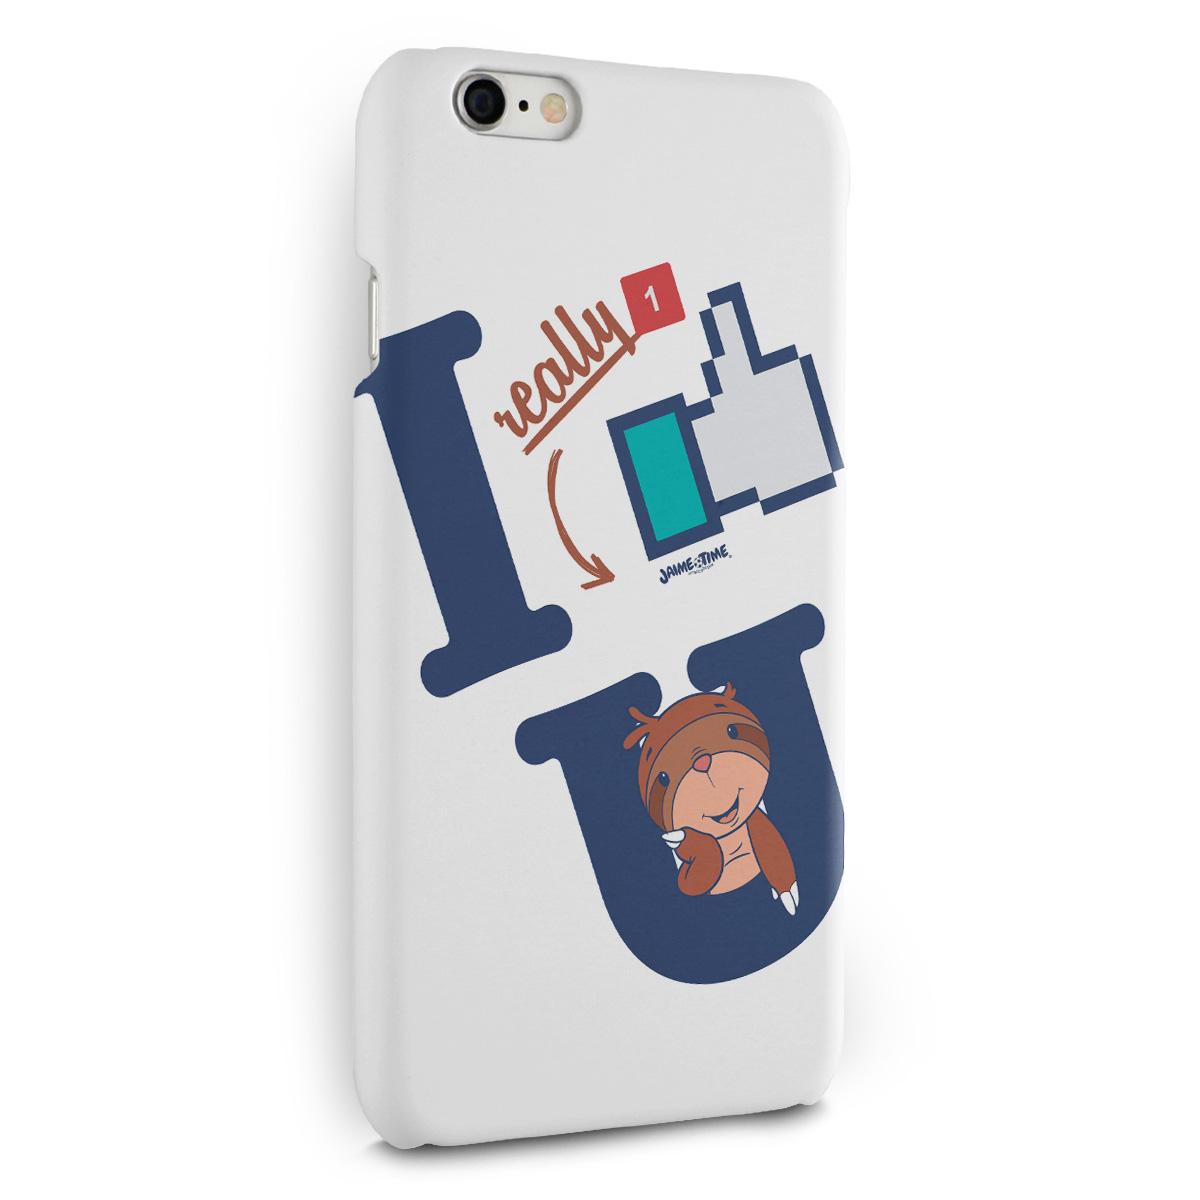 Capa para iPhone 6/6S Plus Jaime I Like You